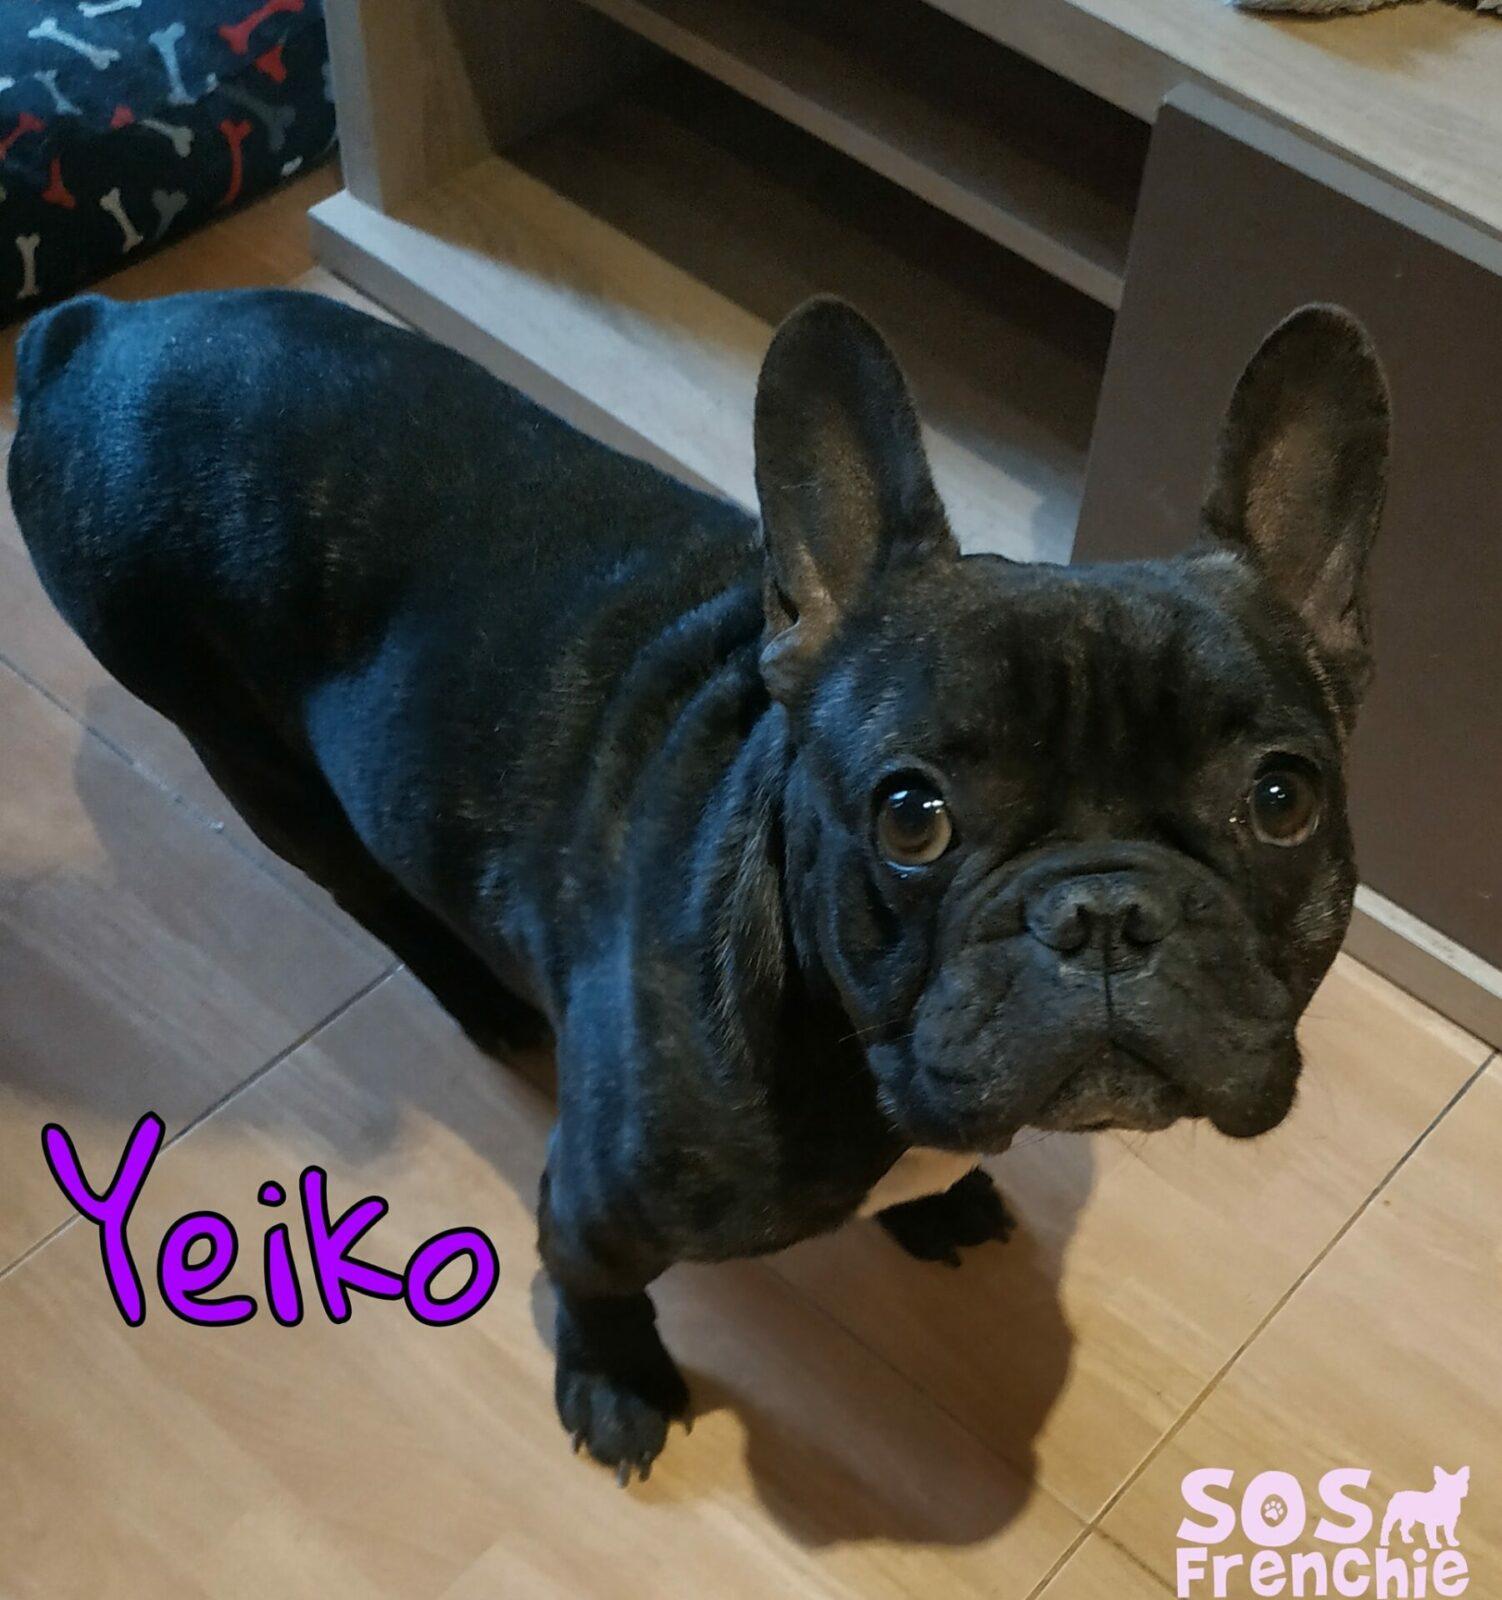 YEIKO